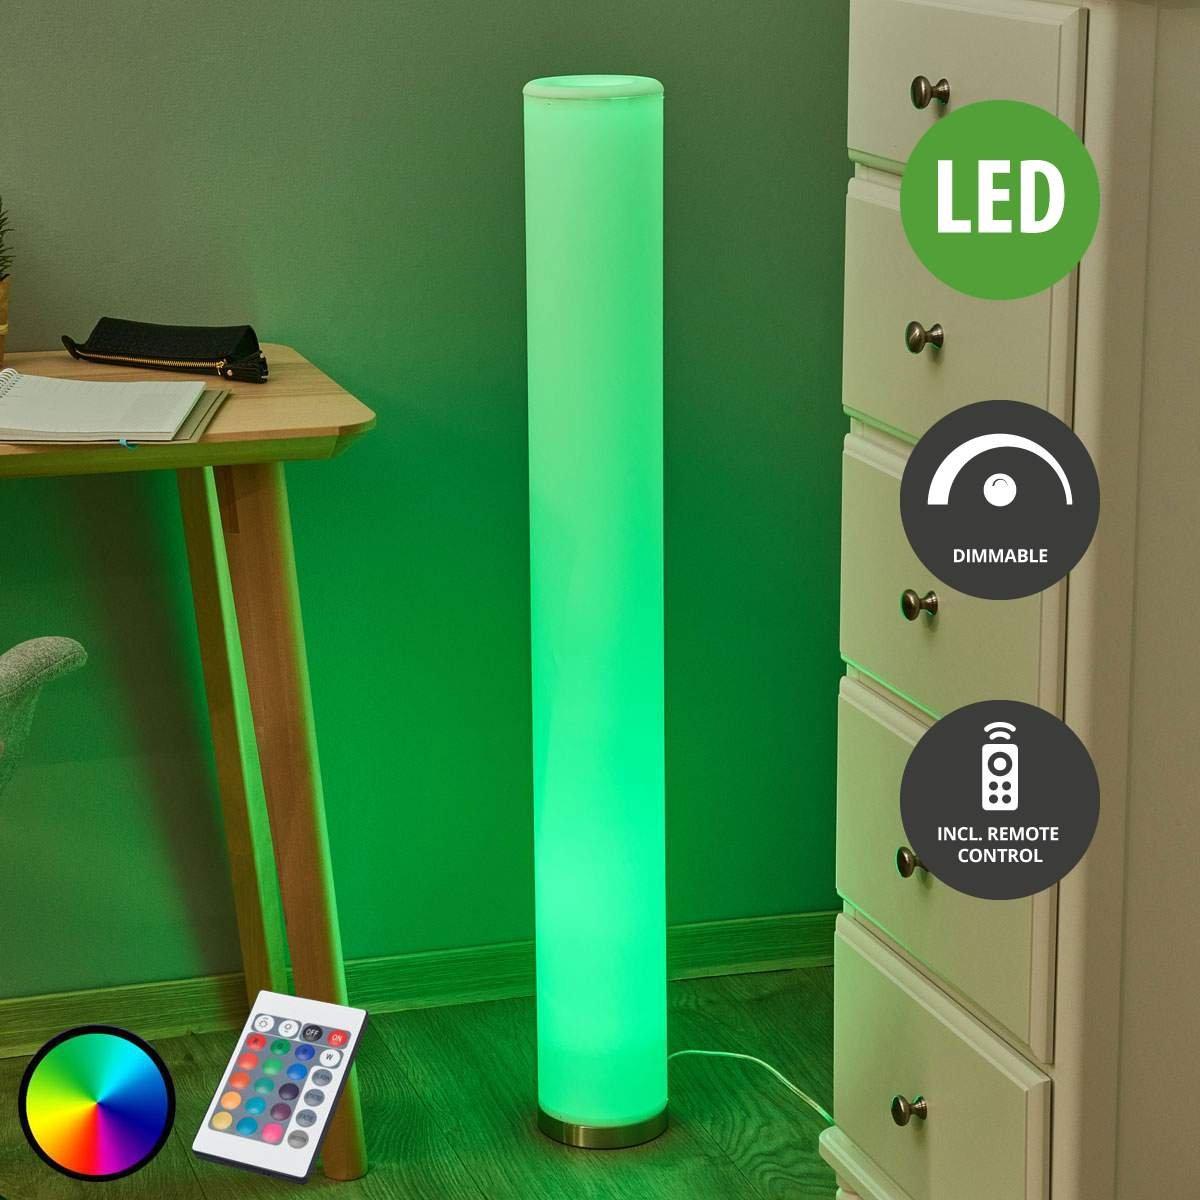 Lampenwelt LED StehlampeMirella dimmbar mit Fernbedienung (Modern) in Weiß aus Kunststoff u.a. für Wohnzimmer & Esszimmer (1 flammig, GU10, A, inkl. Leuchtmittel) | LED-Stehleuchte, Wohnzimmerlampe [Energieklasse A]